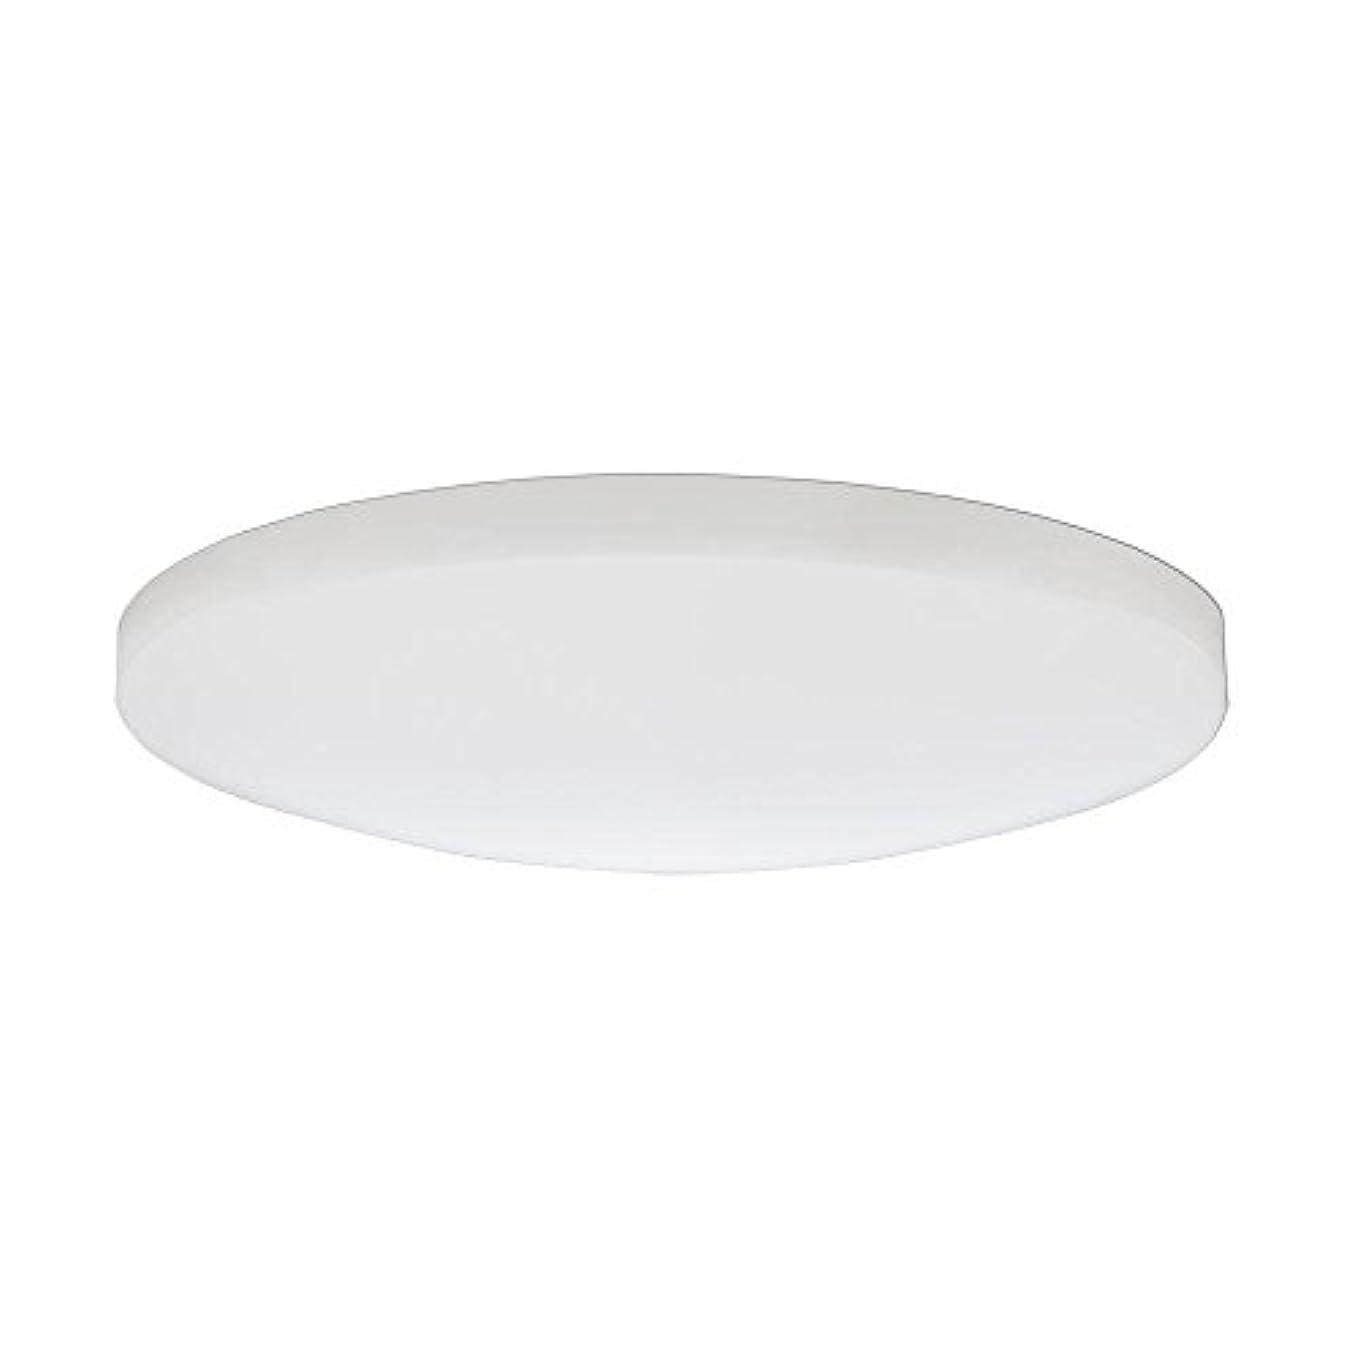 鮫結果好ましいLithonia Lighting DSATL16 M4 Replacement Glass Diffuser, 16', White [並行輸入品]